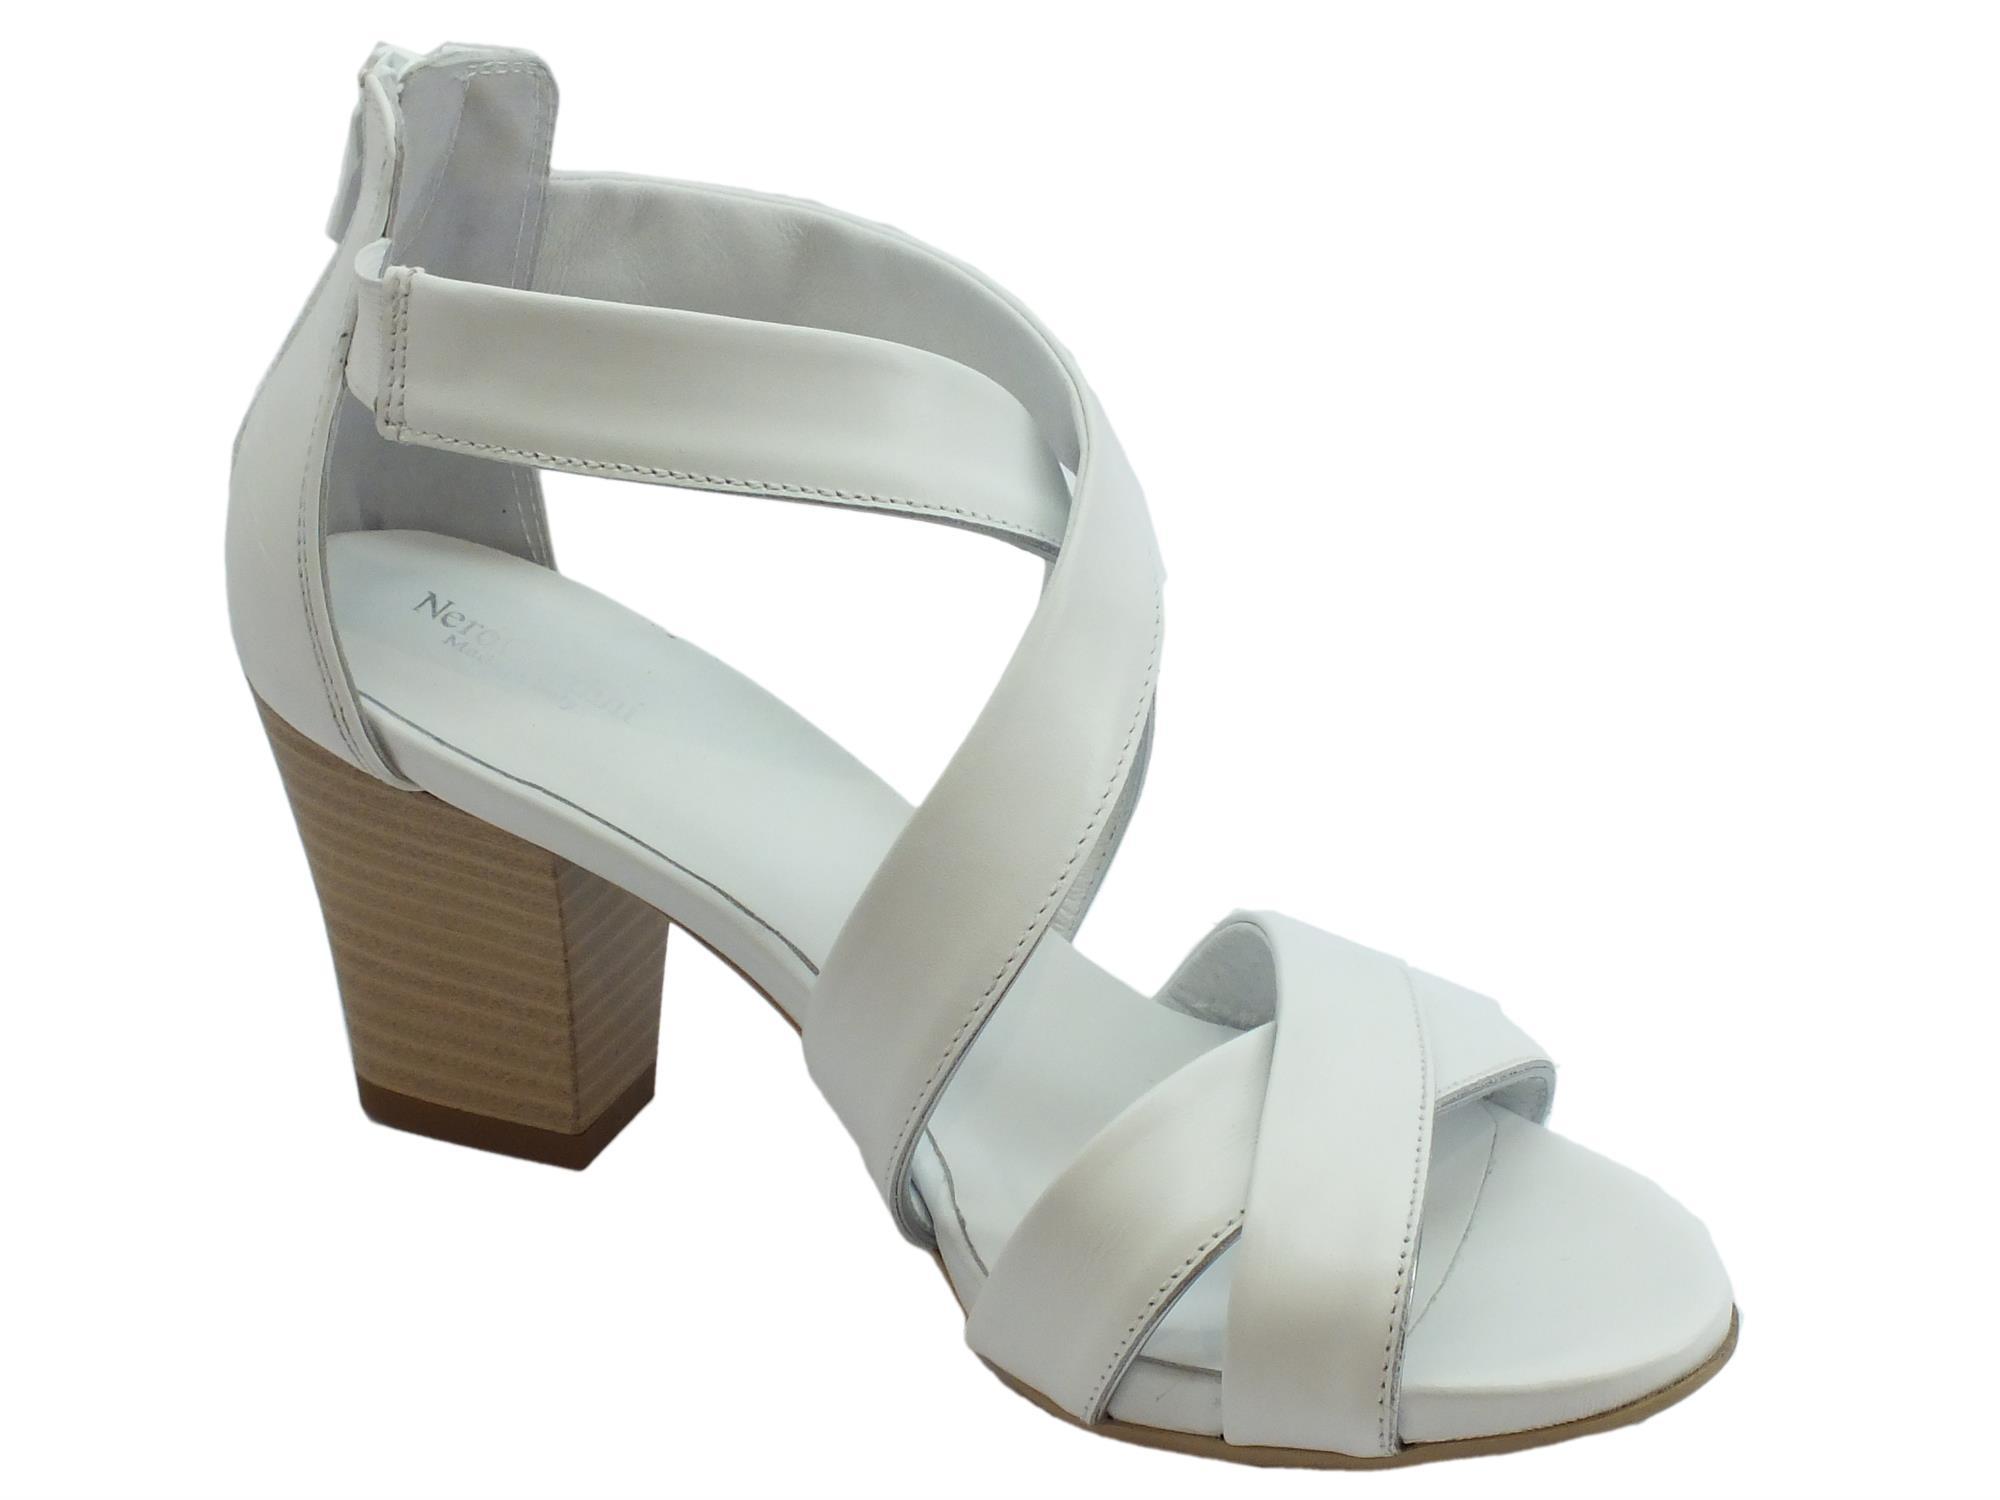 Sandali per Donna NeroGiardini in Pelle Colore Bianco Lampo Posteriore (Taglia 38) VEuGSFXW9I